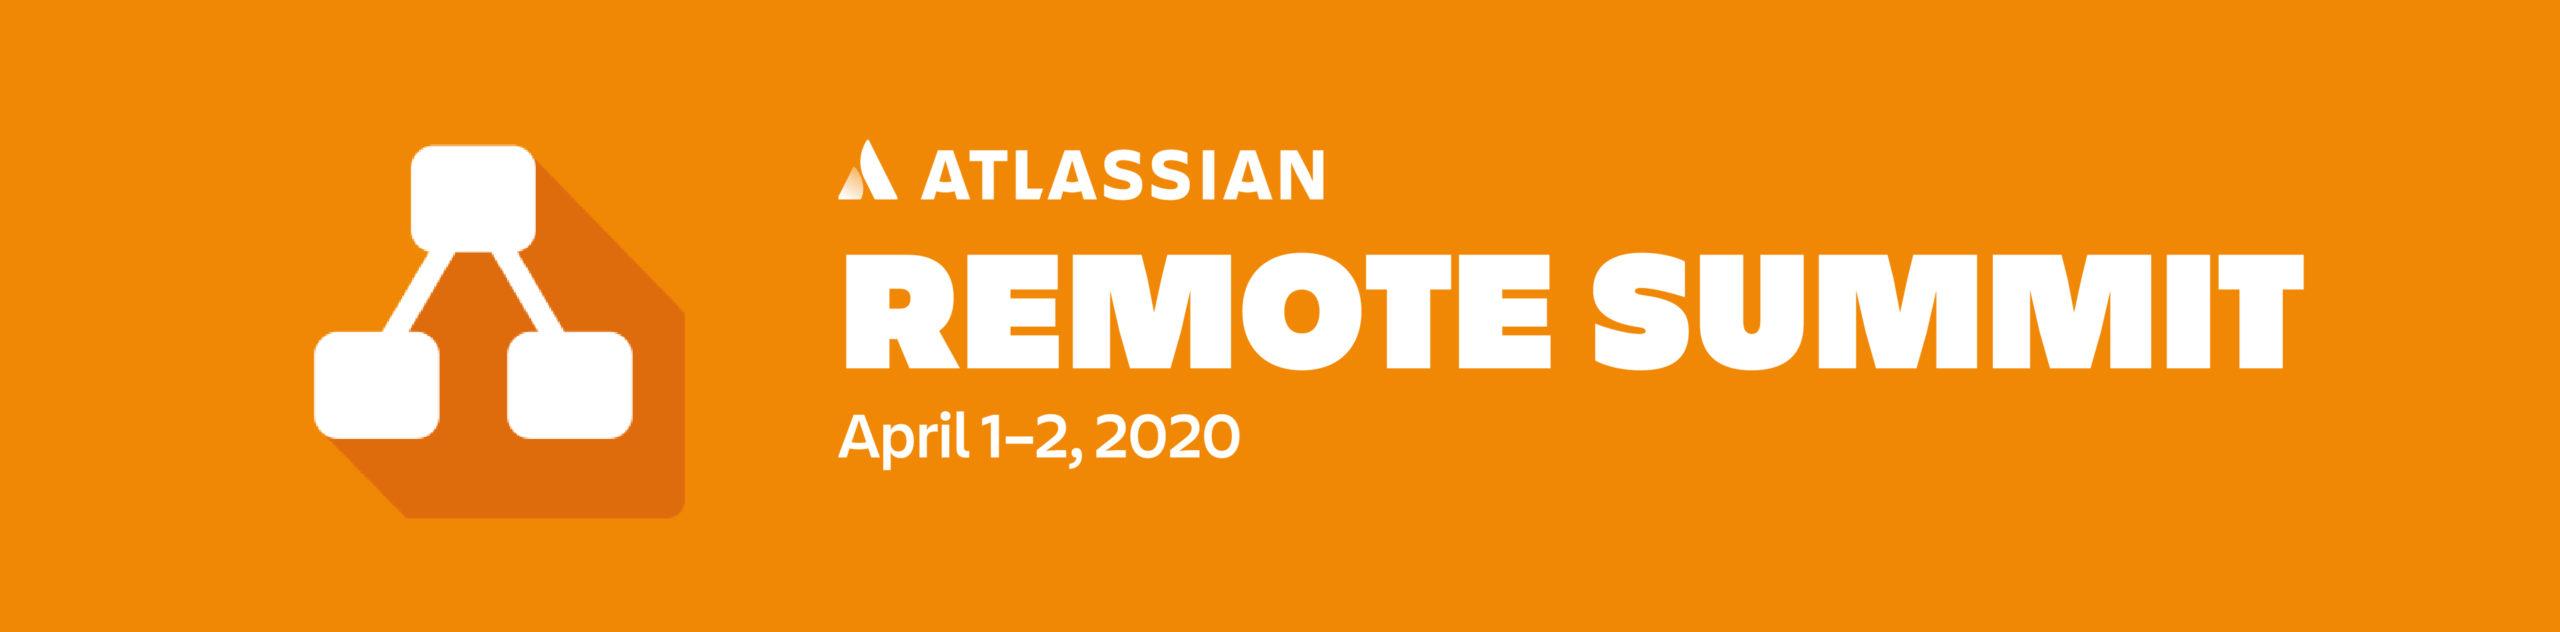 Atlassian Remote